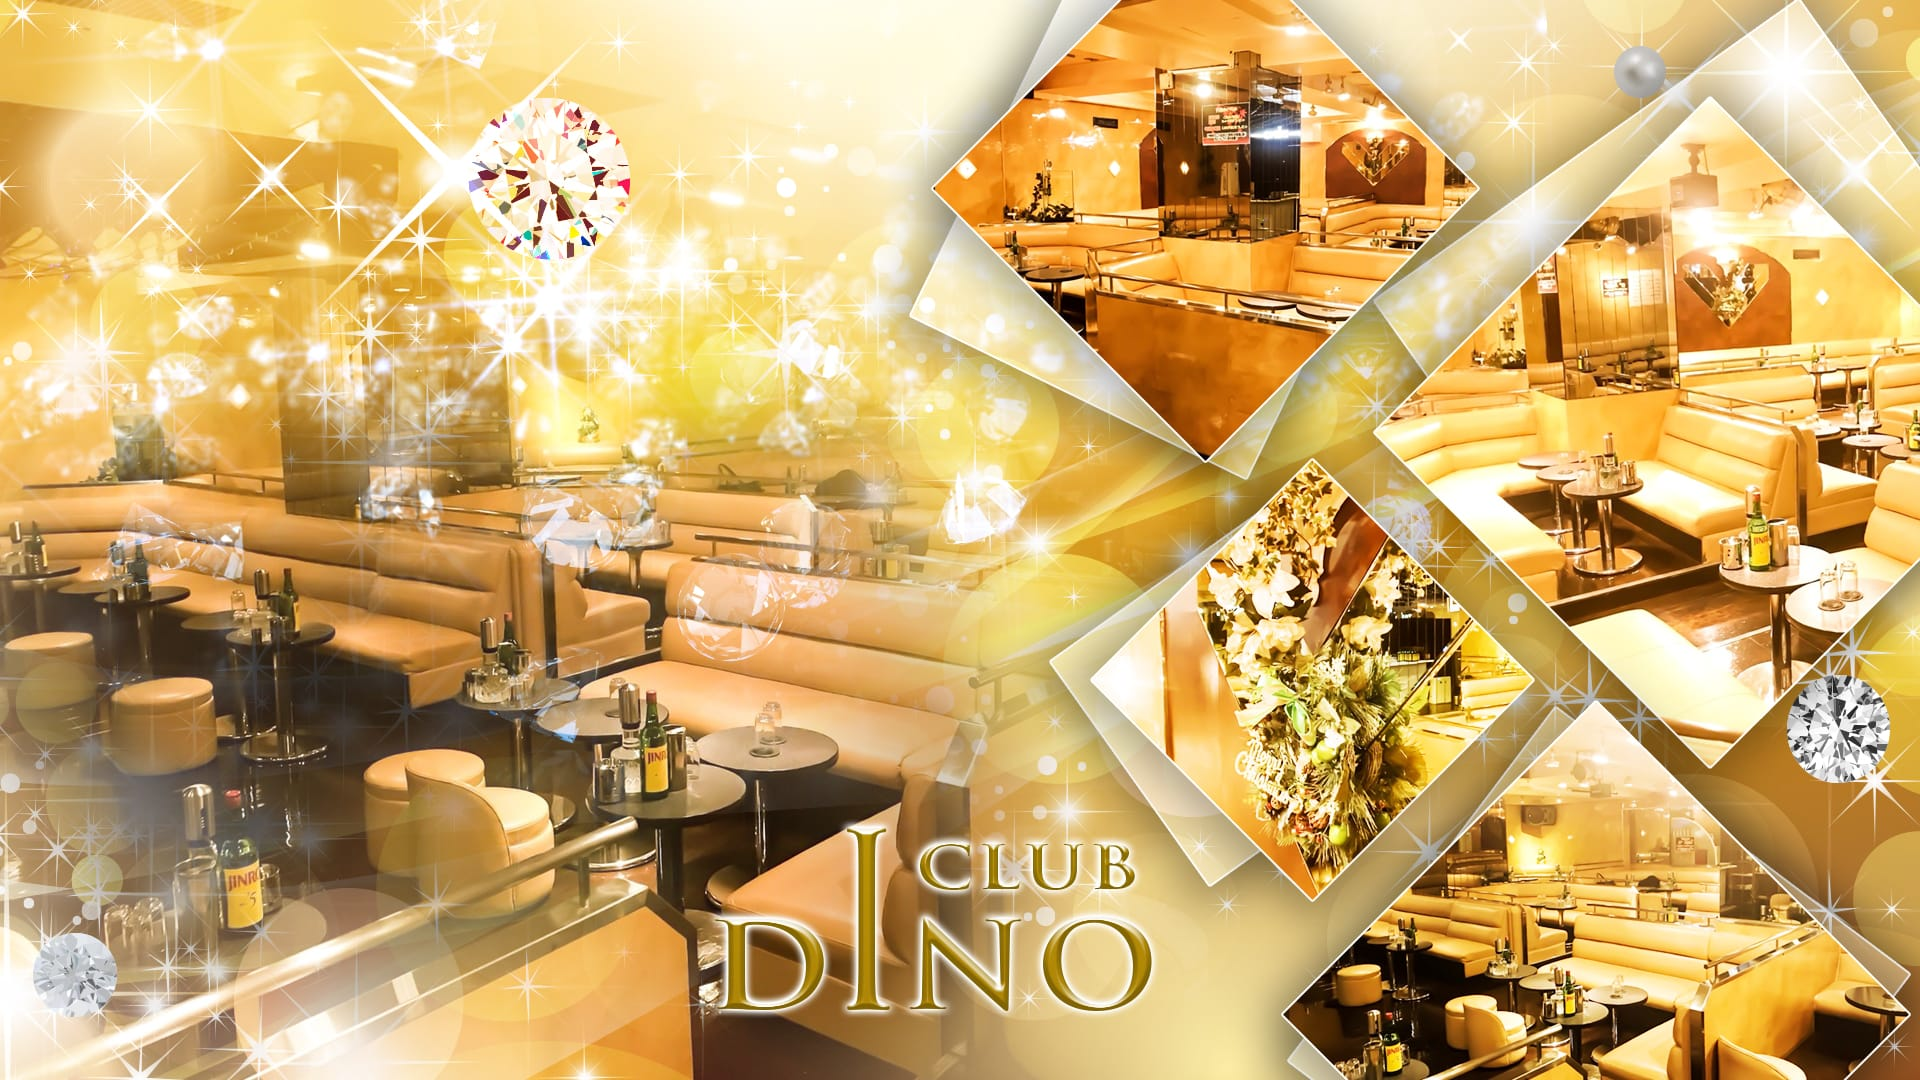 Club DINO(ディーノ) 上野キャバクラ TOP画像